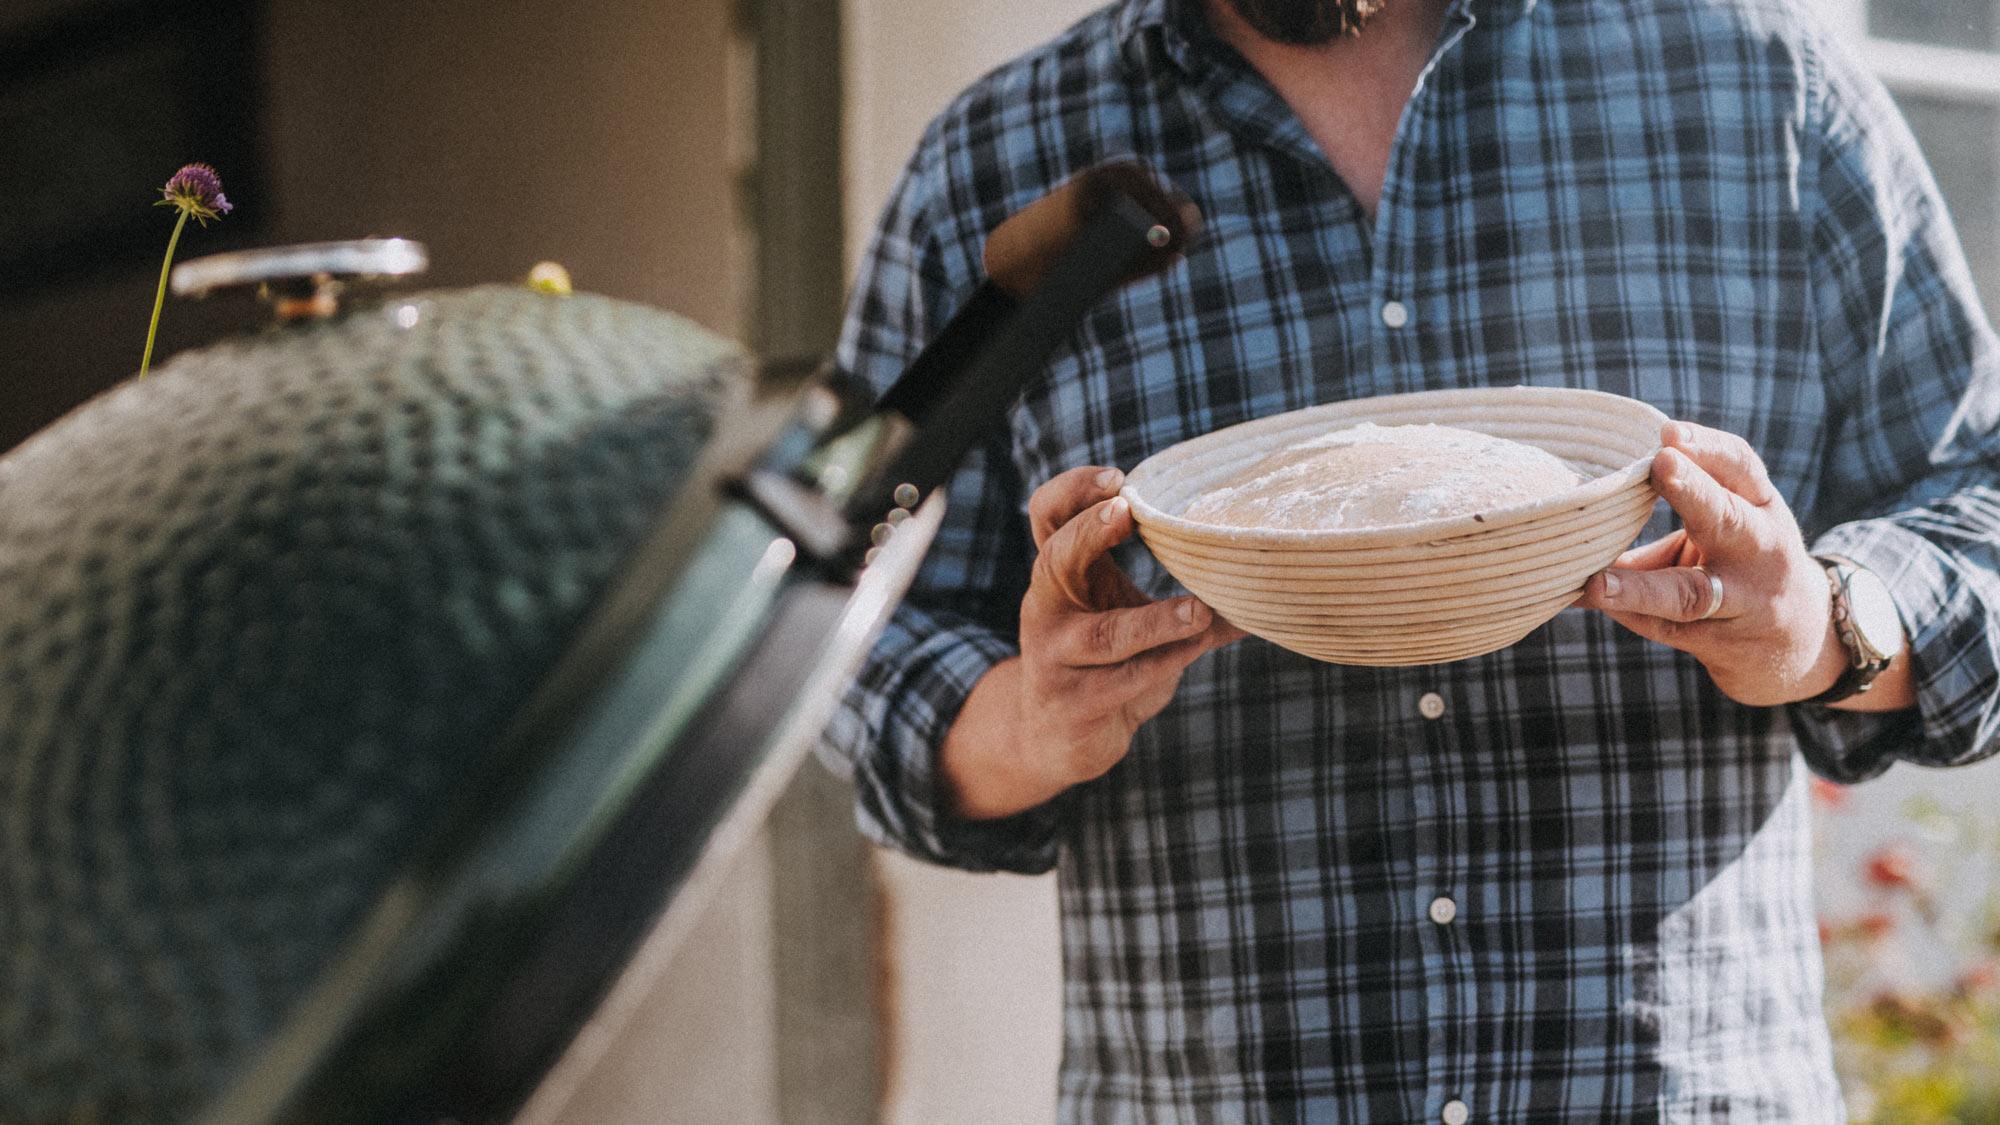 sourdough dough in a basket